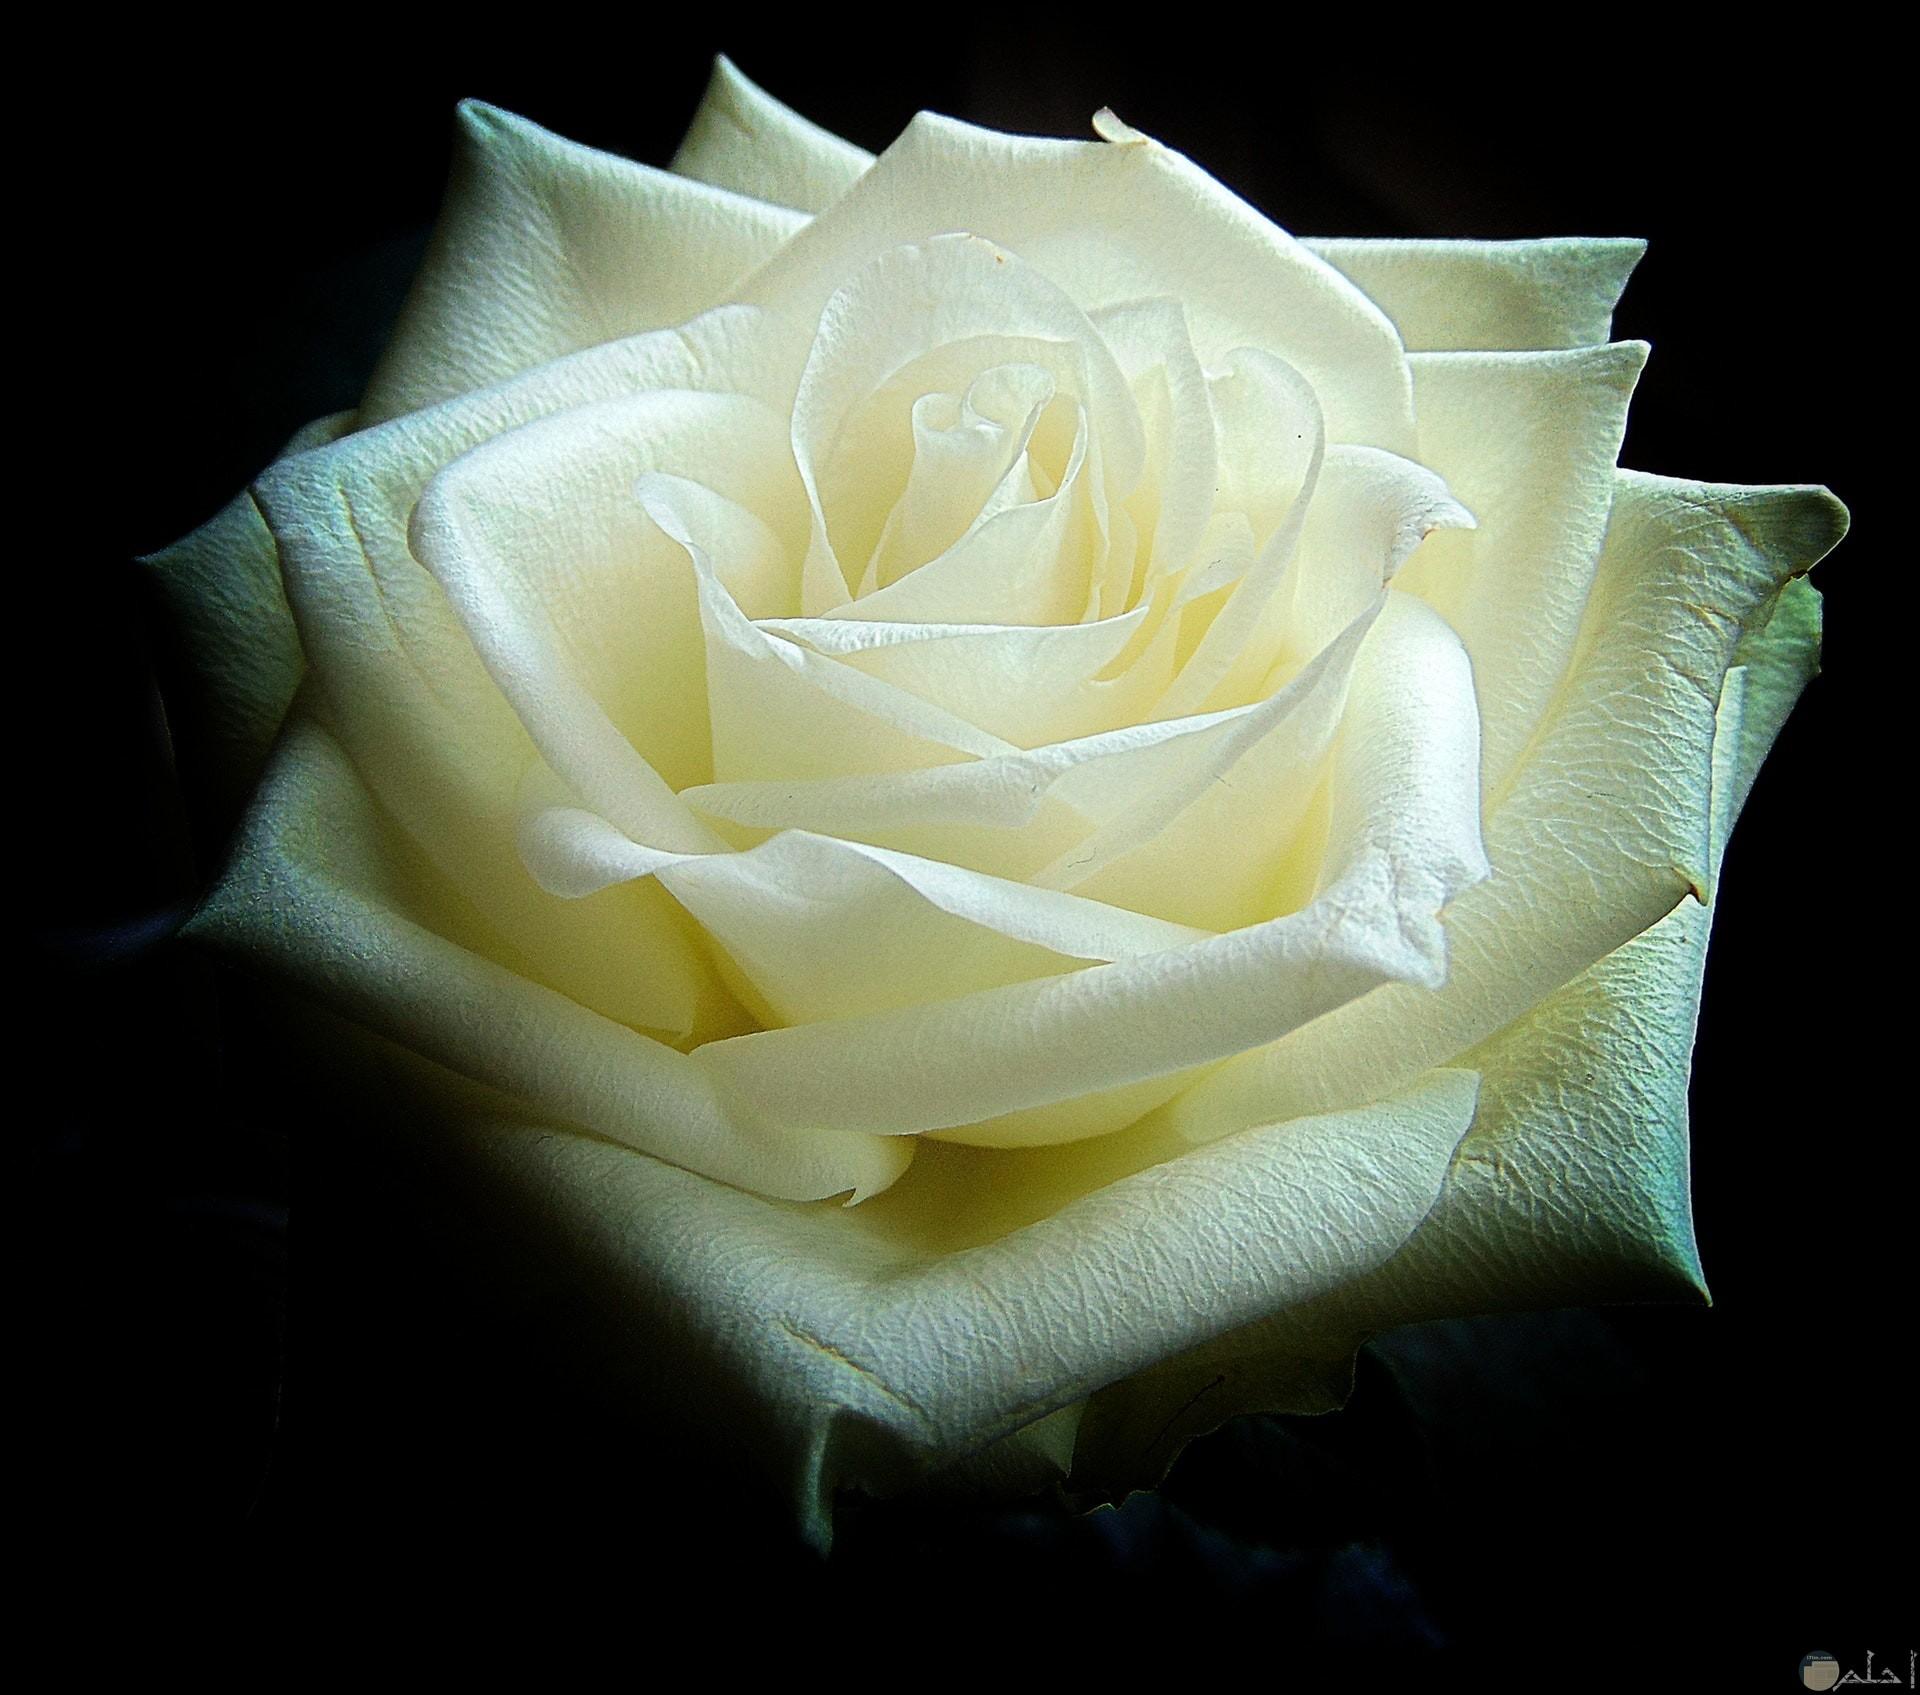 صورة مميزة لوردة بيضاء جميلة مع خلفية سوداء